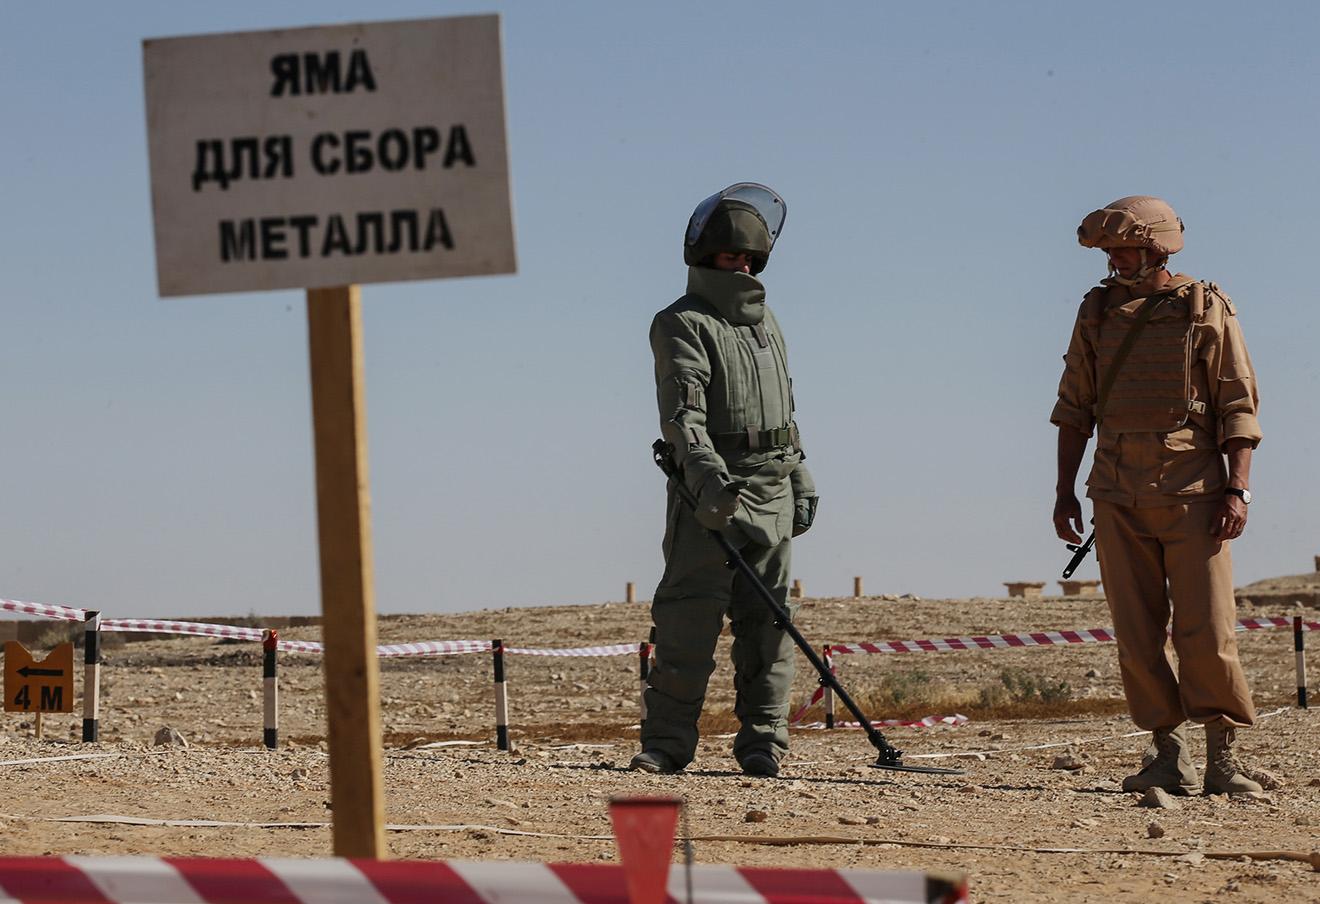 Обучение сирийских солдат российскими военнослужащими поисковой тактике и обнаружению взрывных устройств, Пальмира.